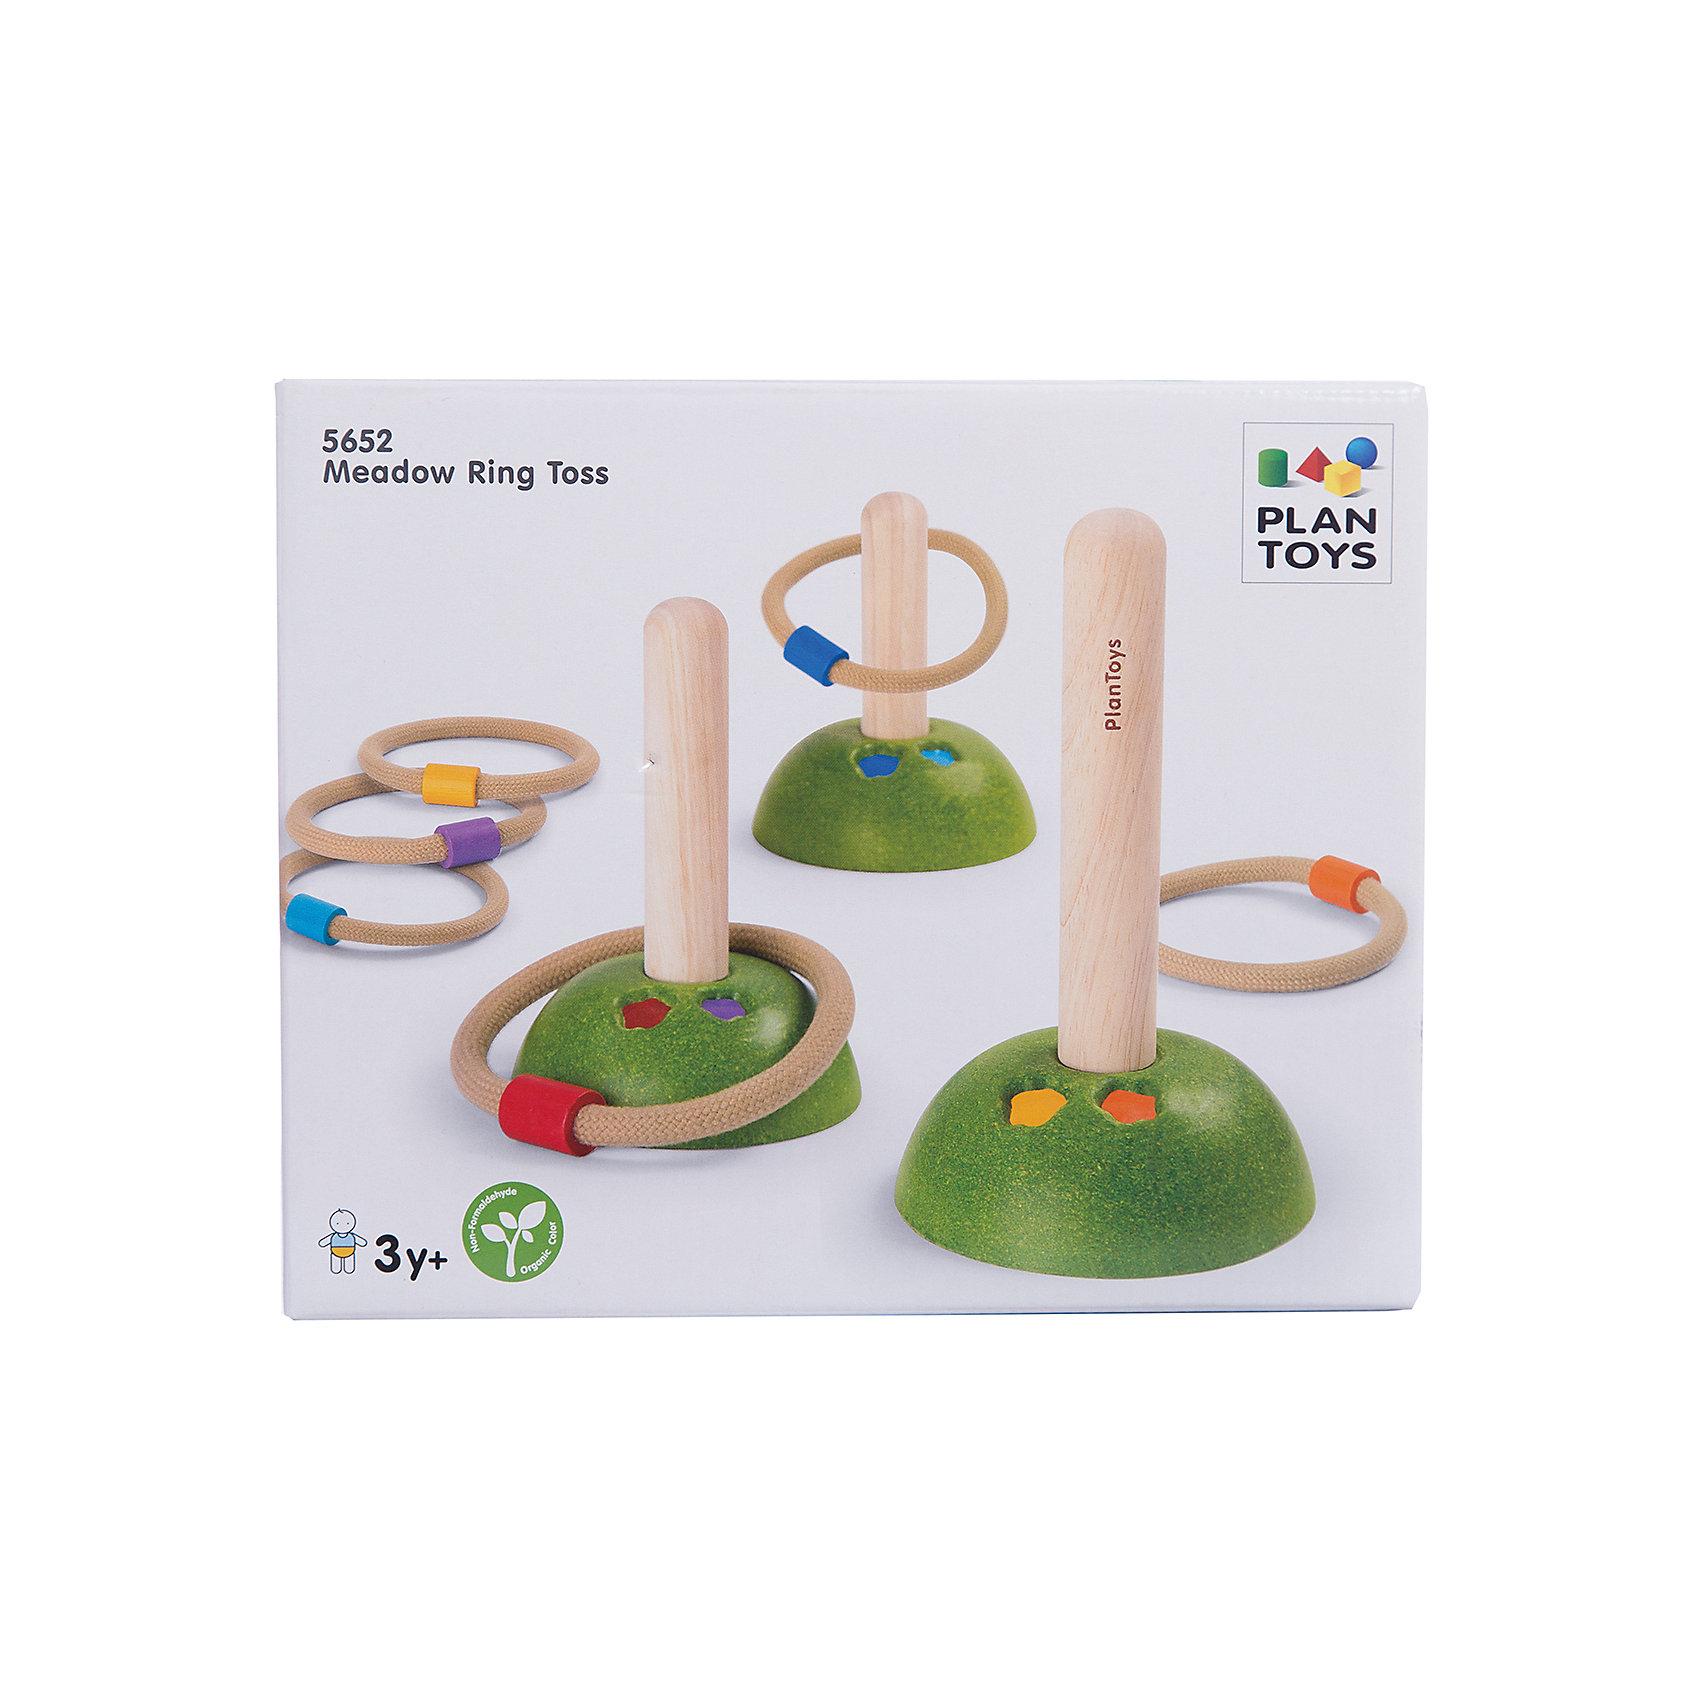 Игра Кольцо для кидания, Plan ToysИгра Кольцо для кидания, развивает ловкость и быстроту реакции, этот интересный набор непременно привлечет внимание малыша. Набор выполнен в яркой цветовой гамме, состоит из 6 колец и 3 подставок. В эту игру можно играть самостоятельно, или поделится на команды, игроки которых будут поочередно бросать на подставки обручи. Игра позволит весело провести время на улице вместе с друзьями.<br><br>Дополнительная информация:<br><br>-Размер игры: 11х18 см<br>-Материал: дерево<br><br>Игру Кольцо для кидания, Plan Toys можно купить в нашем интернет-магазине.<br><br>Ширина мм: 11<br>Глубина мм: 11<br>Высота мм: 18<br>Вес г: 400<br>Возраст от месяцев: 36<br>Возраст до месяцев: 1188<br>Пол: Унисекс<br>Возраст: Детский<br>SKU: 4862355